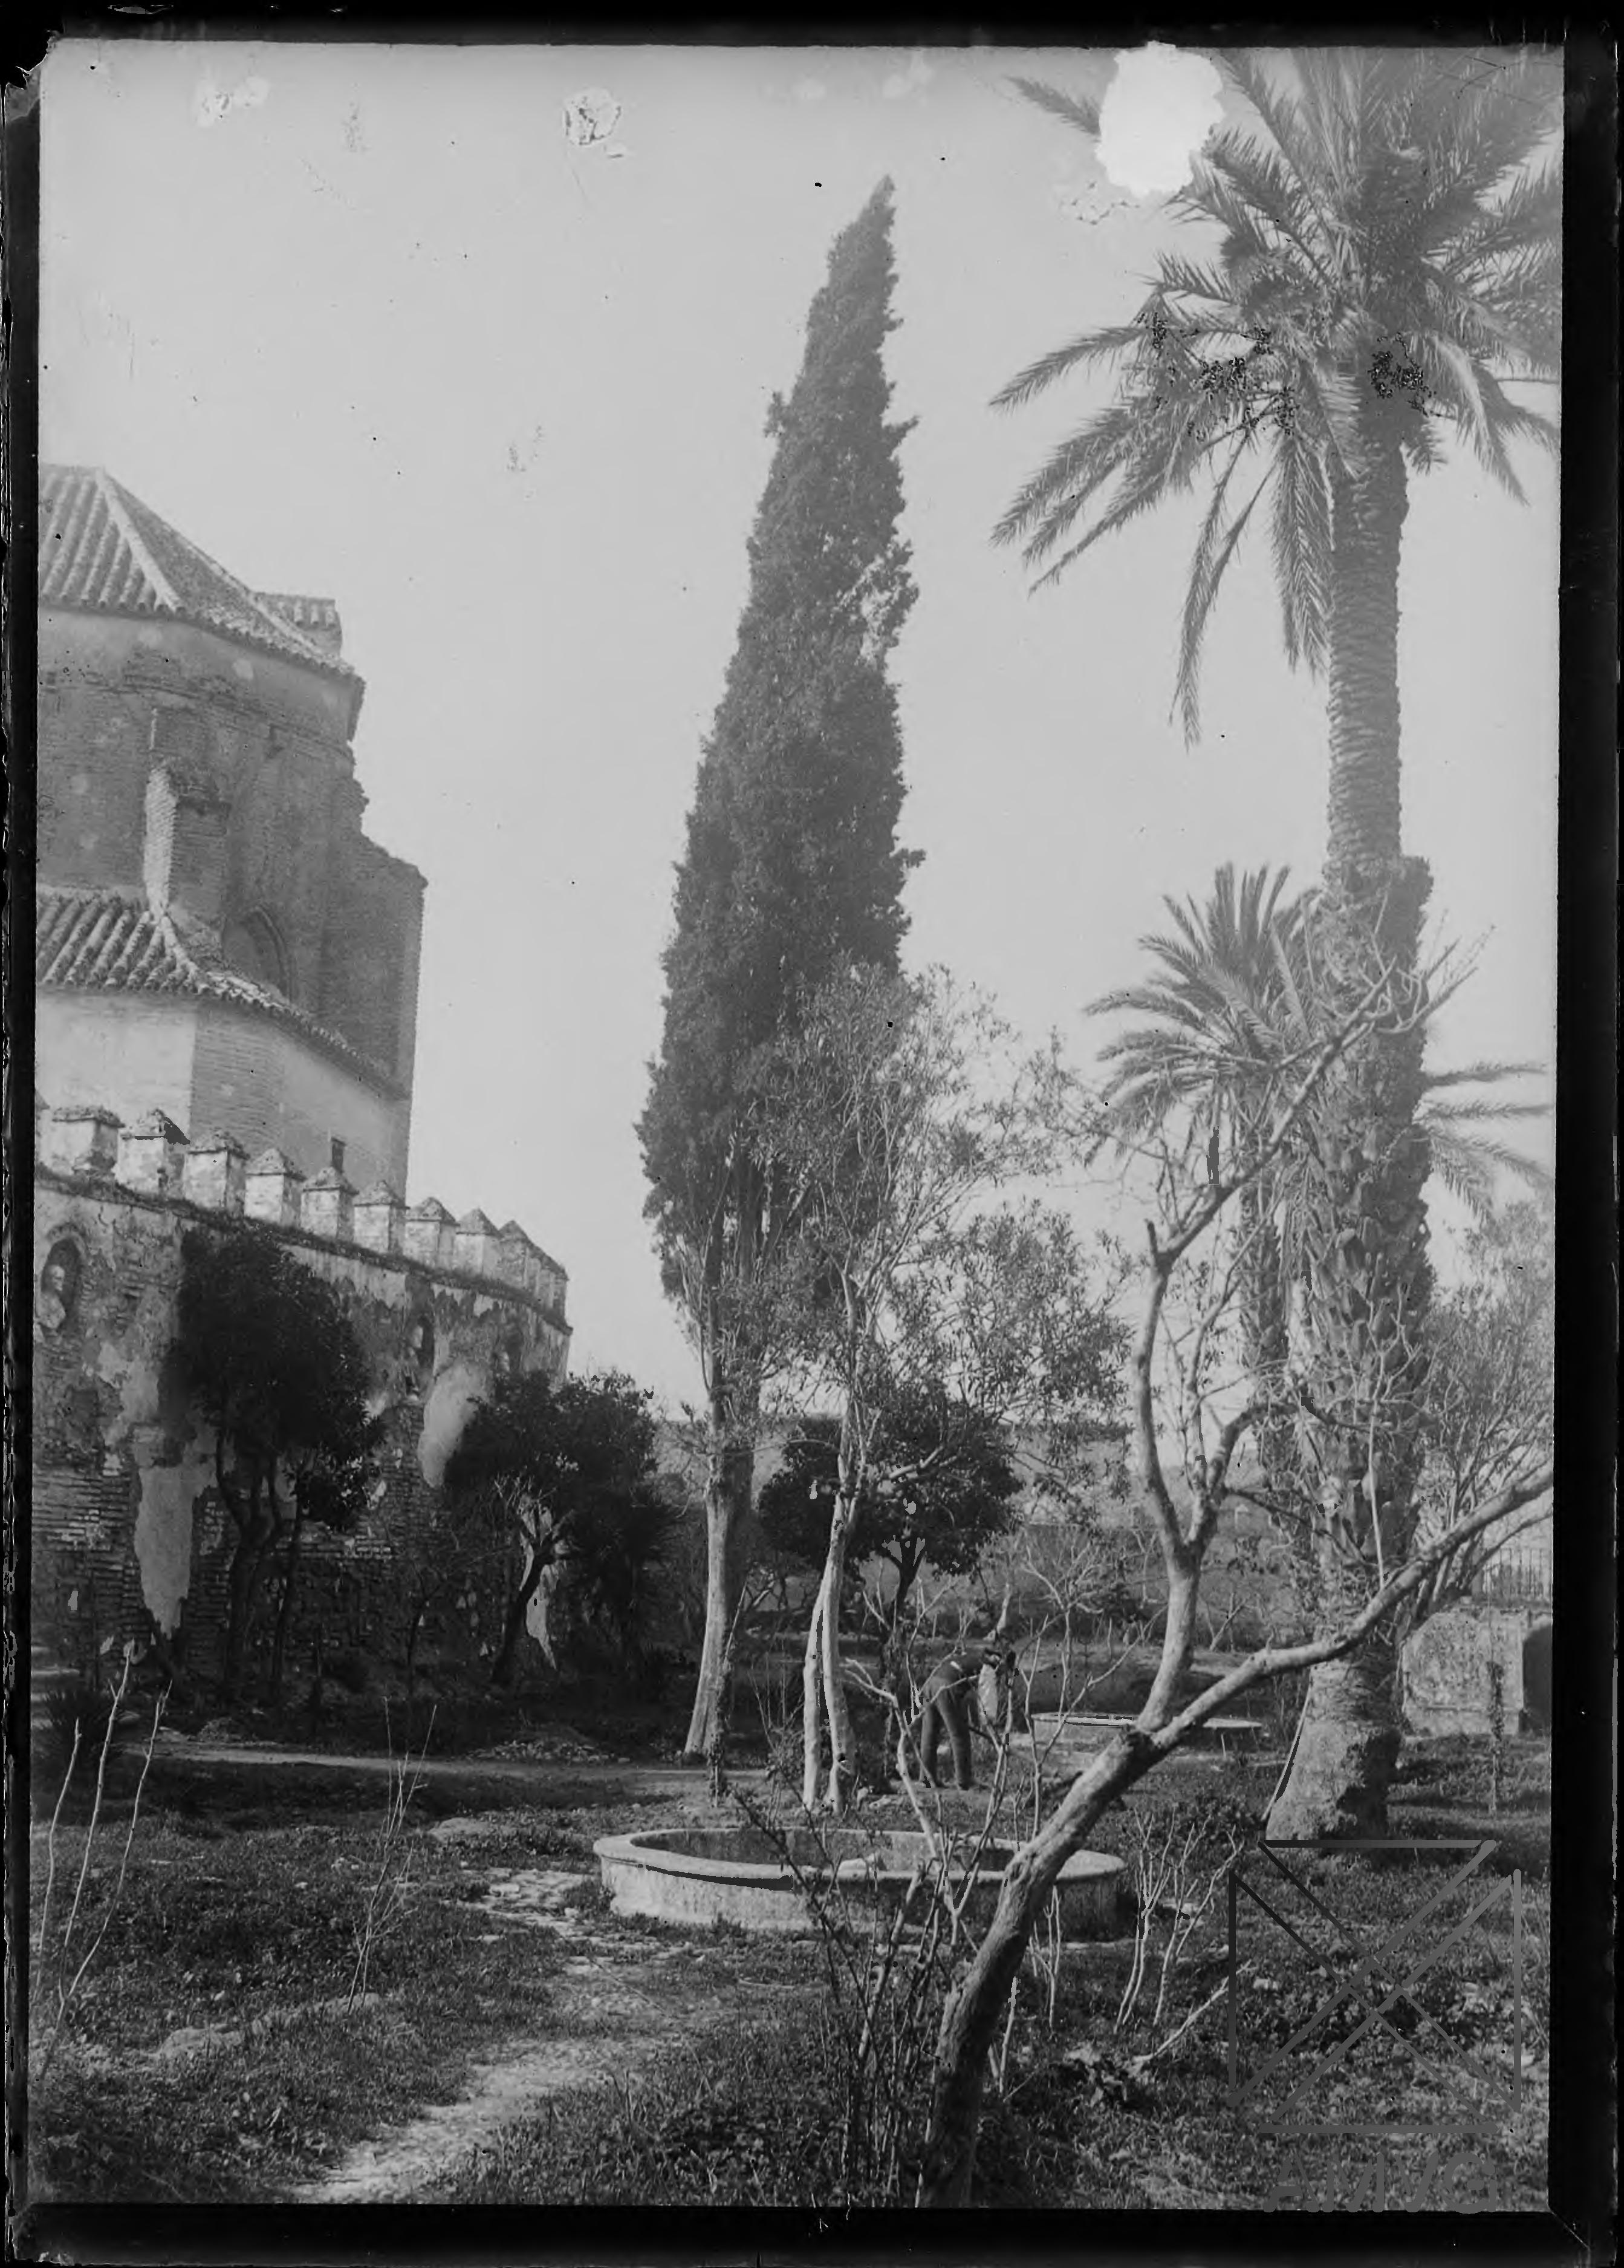 Jardines del Palacio de los Duques de Arcos. Marchena